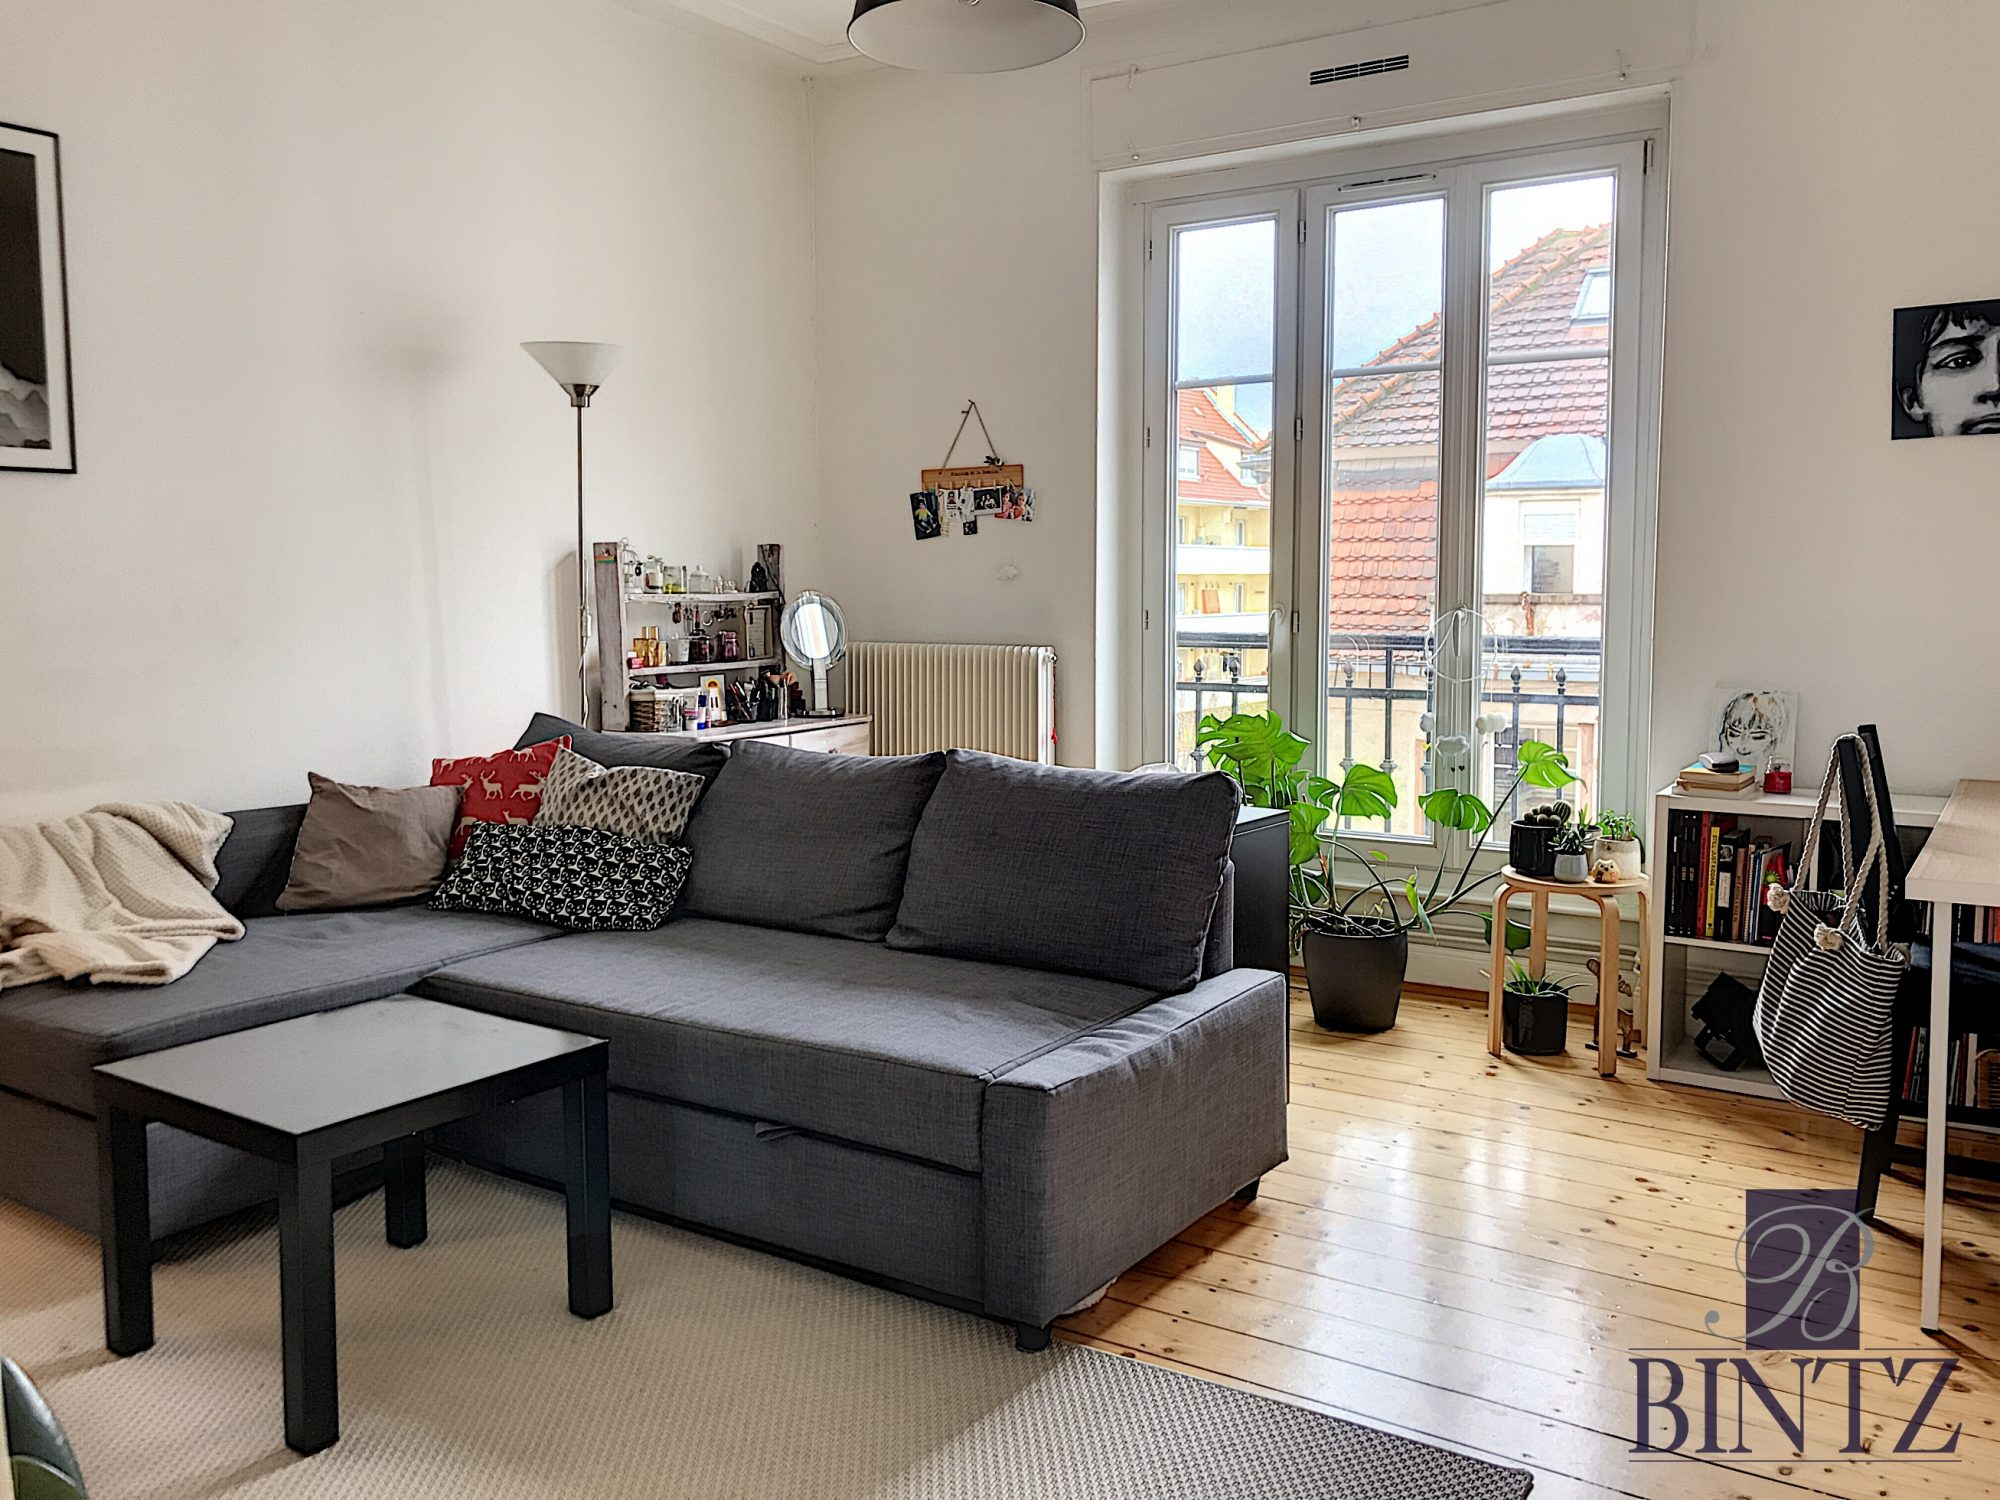 INVESTISSEMENT LOCATIF - Devenez propriétaire en toute confiance - Bintz Immobilier - 1